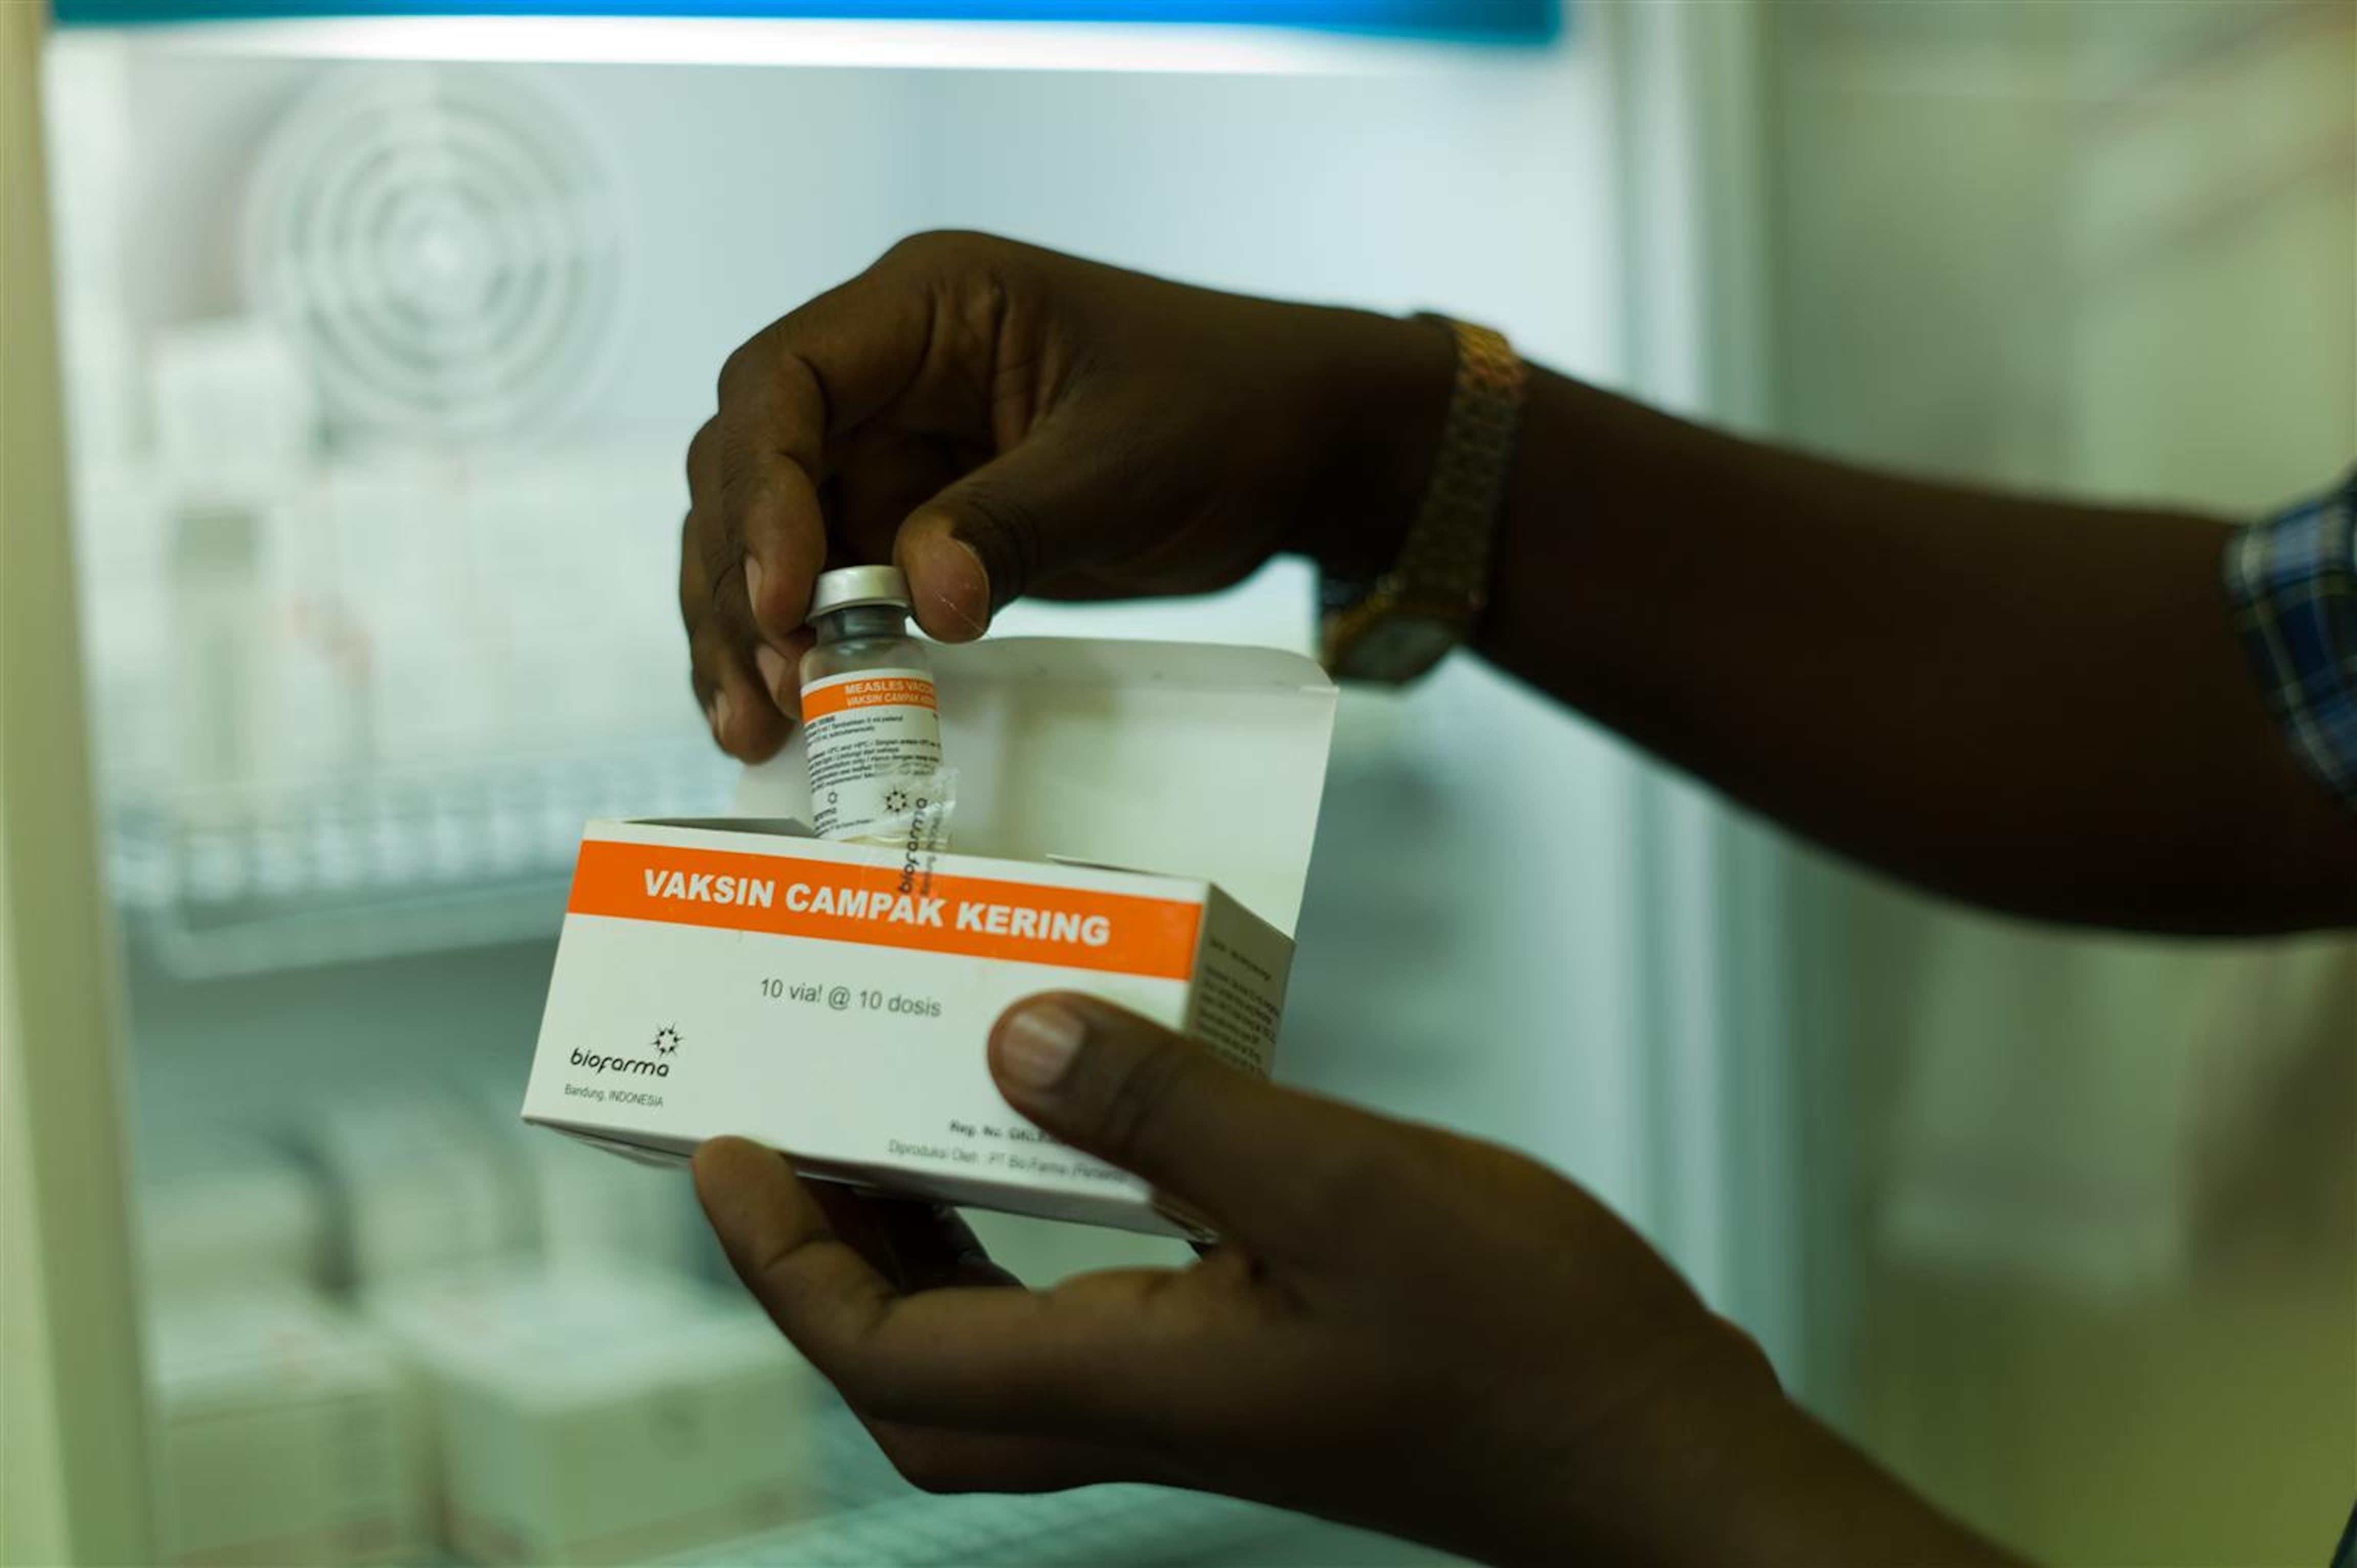 Un operatore sanitario con una confezione di vaccini contro il morbillo nel deposito dell'ospedale di Bujumbura (Burundi) - ©UNICEF/NYHQ2012-0656/C.Nesbitt